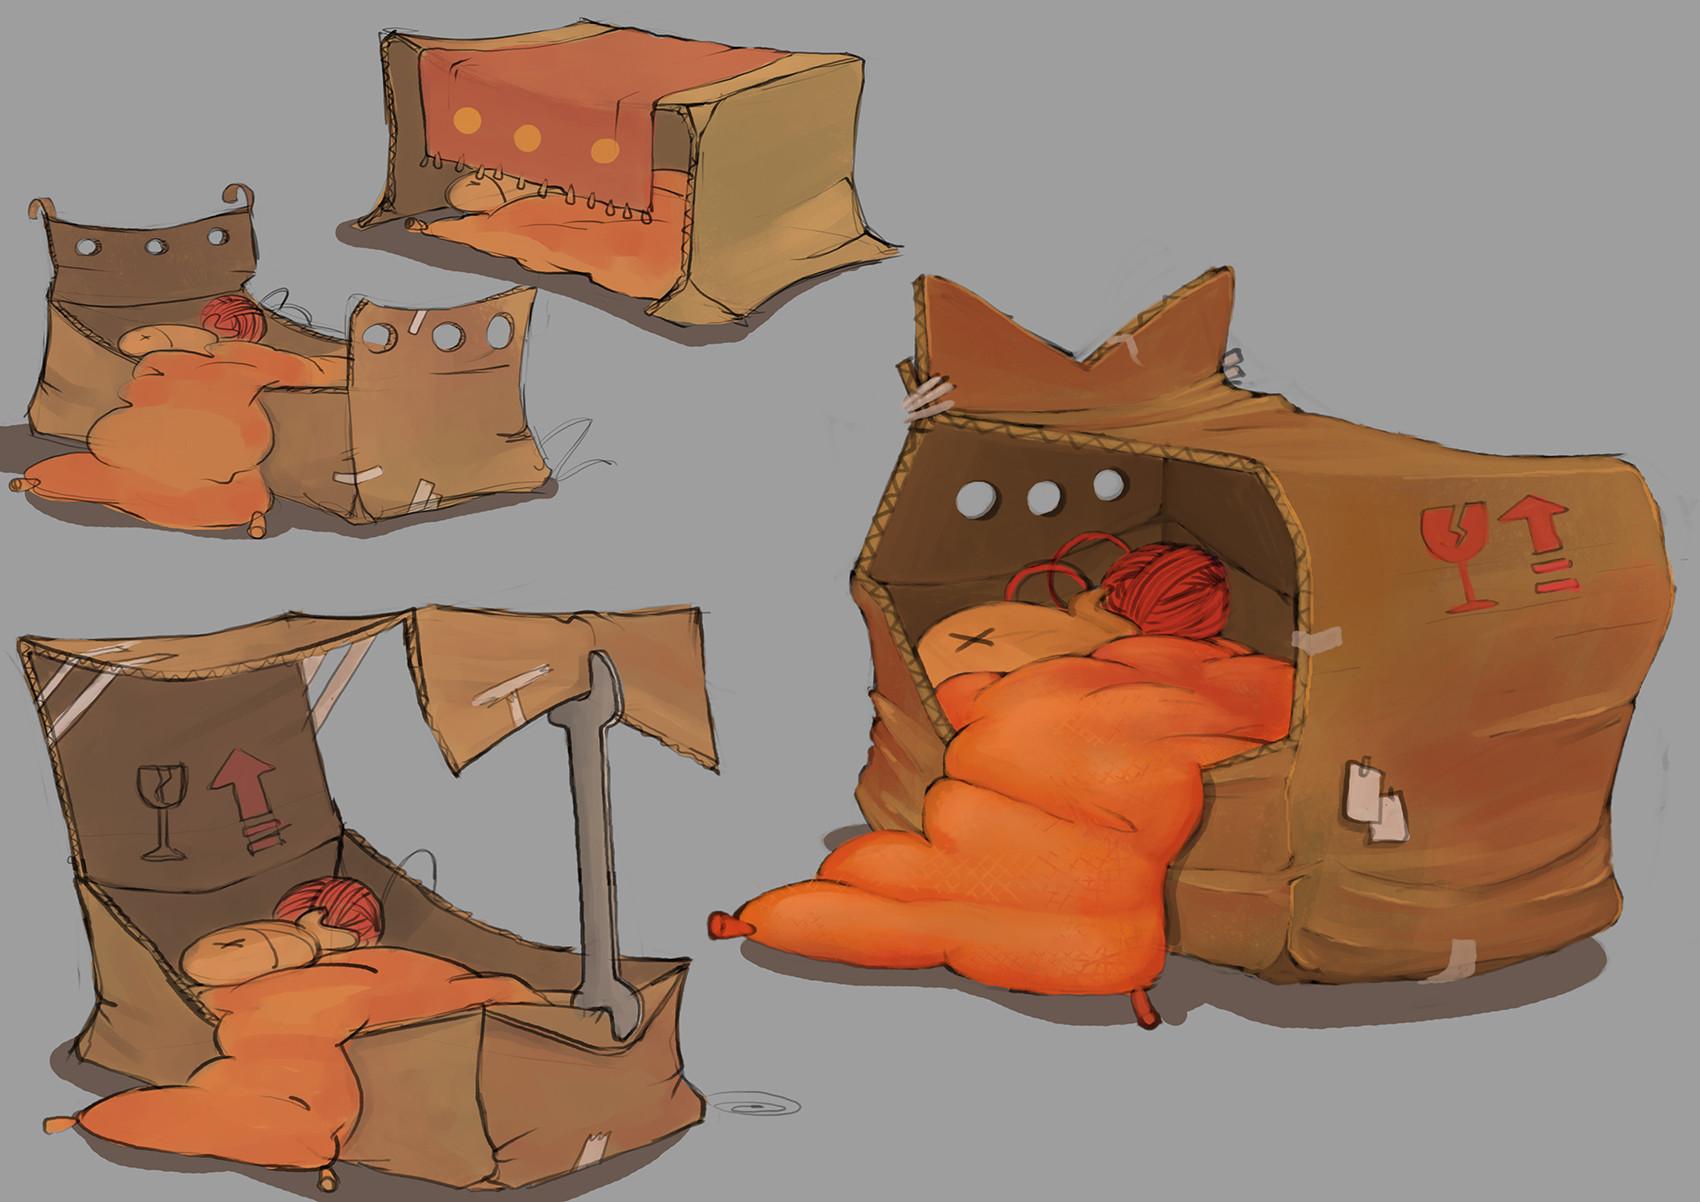 Gina voerde katzenhaus 4